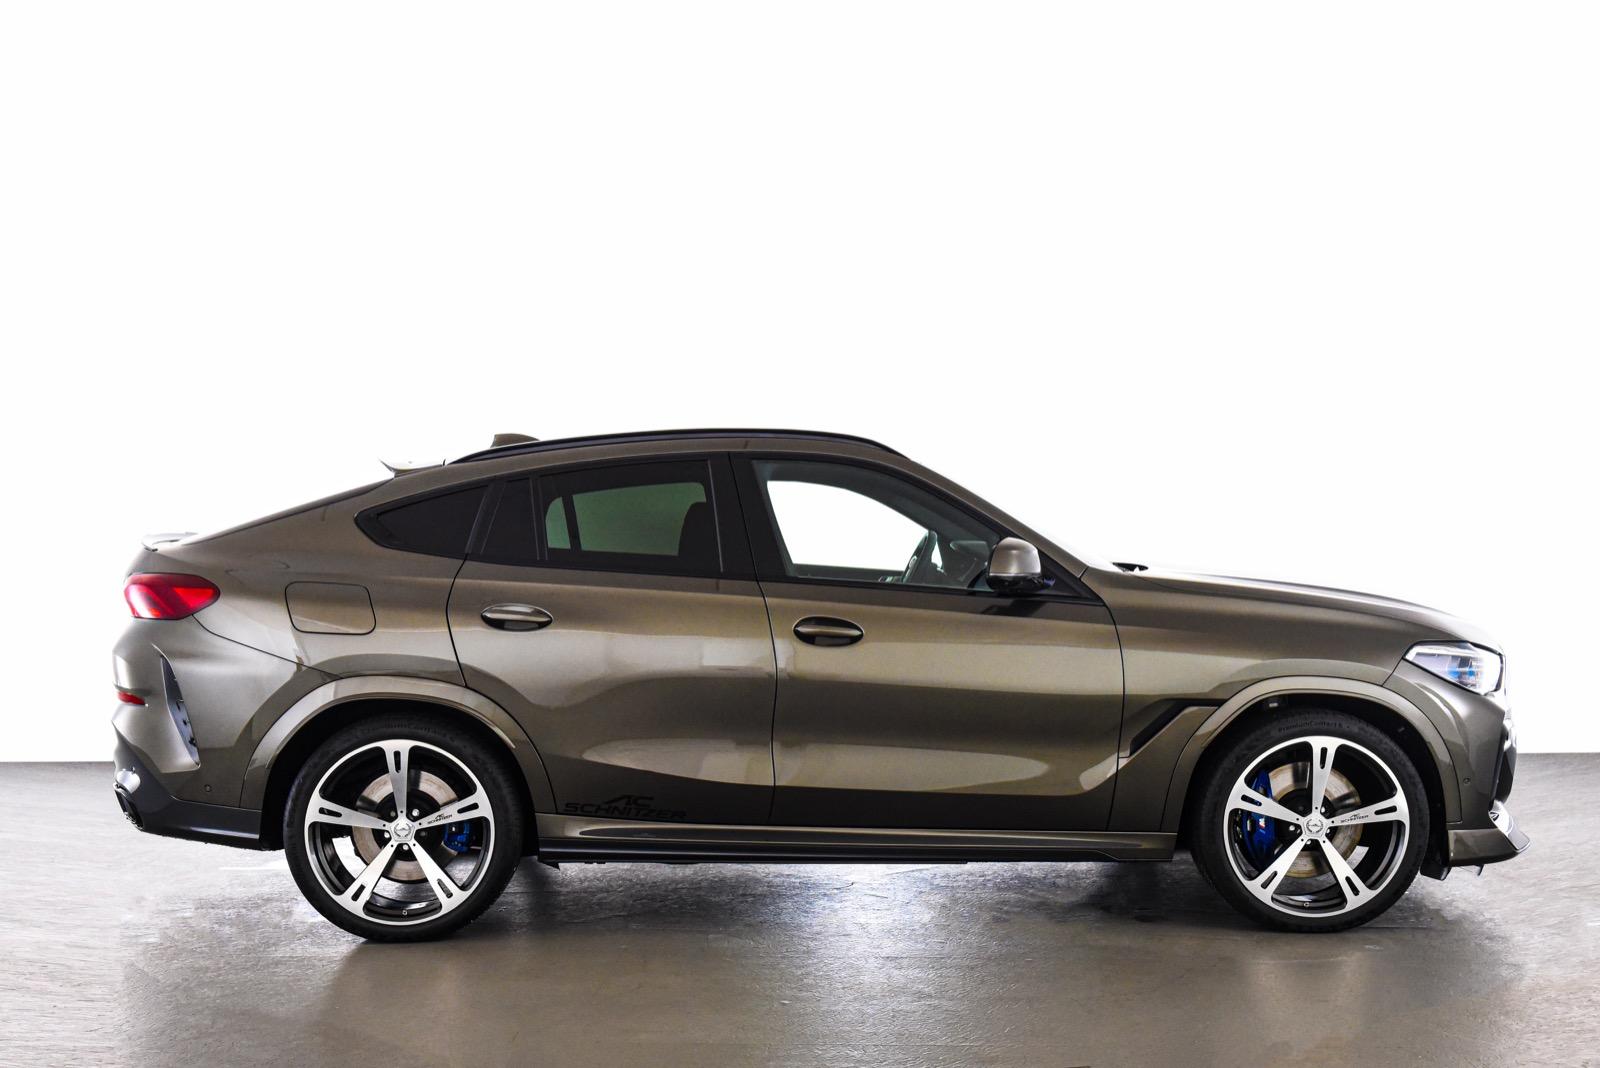 BMW-X6-by-AC-Schnitzer-16